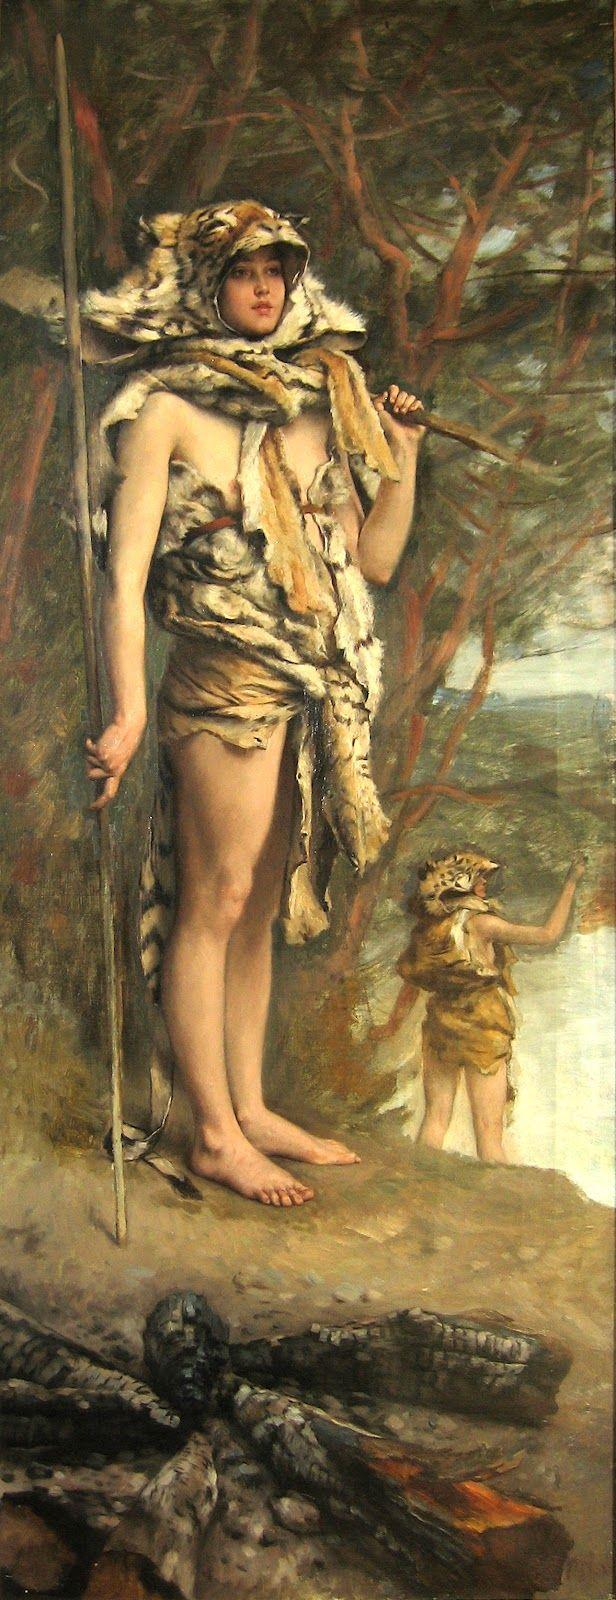 Προ ιστορική γυναίκα (1895)